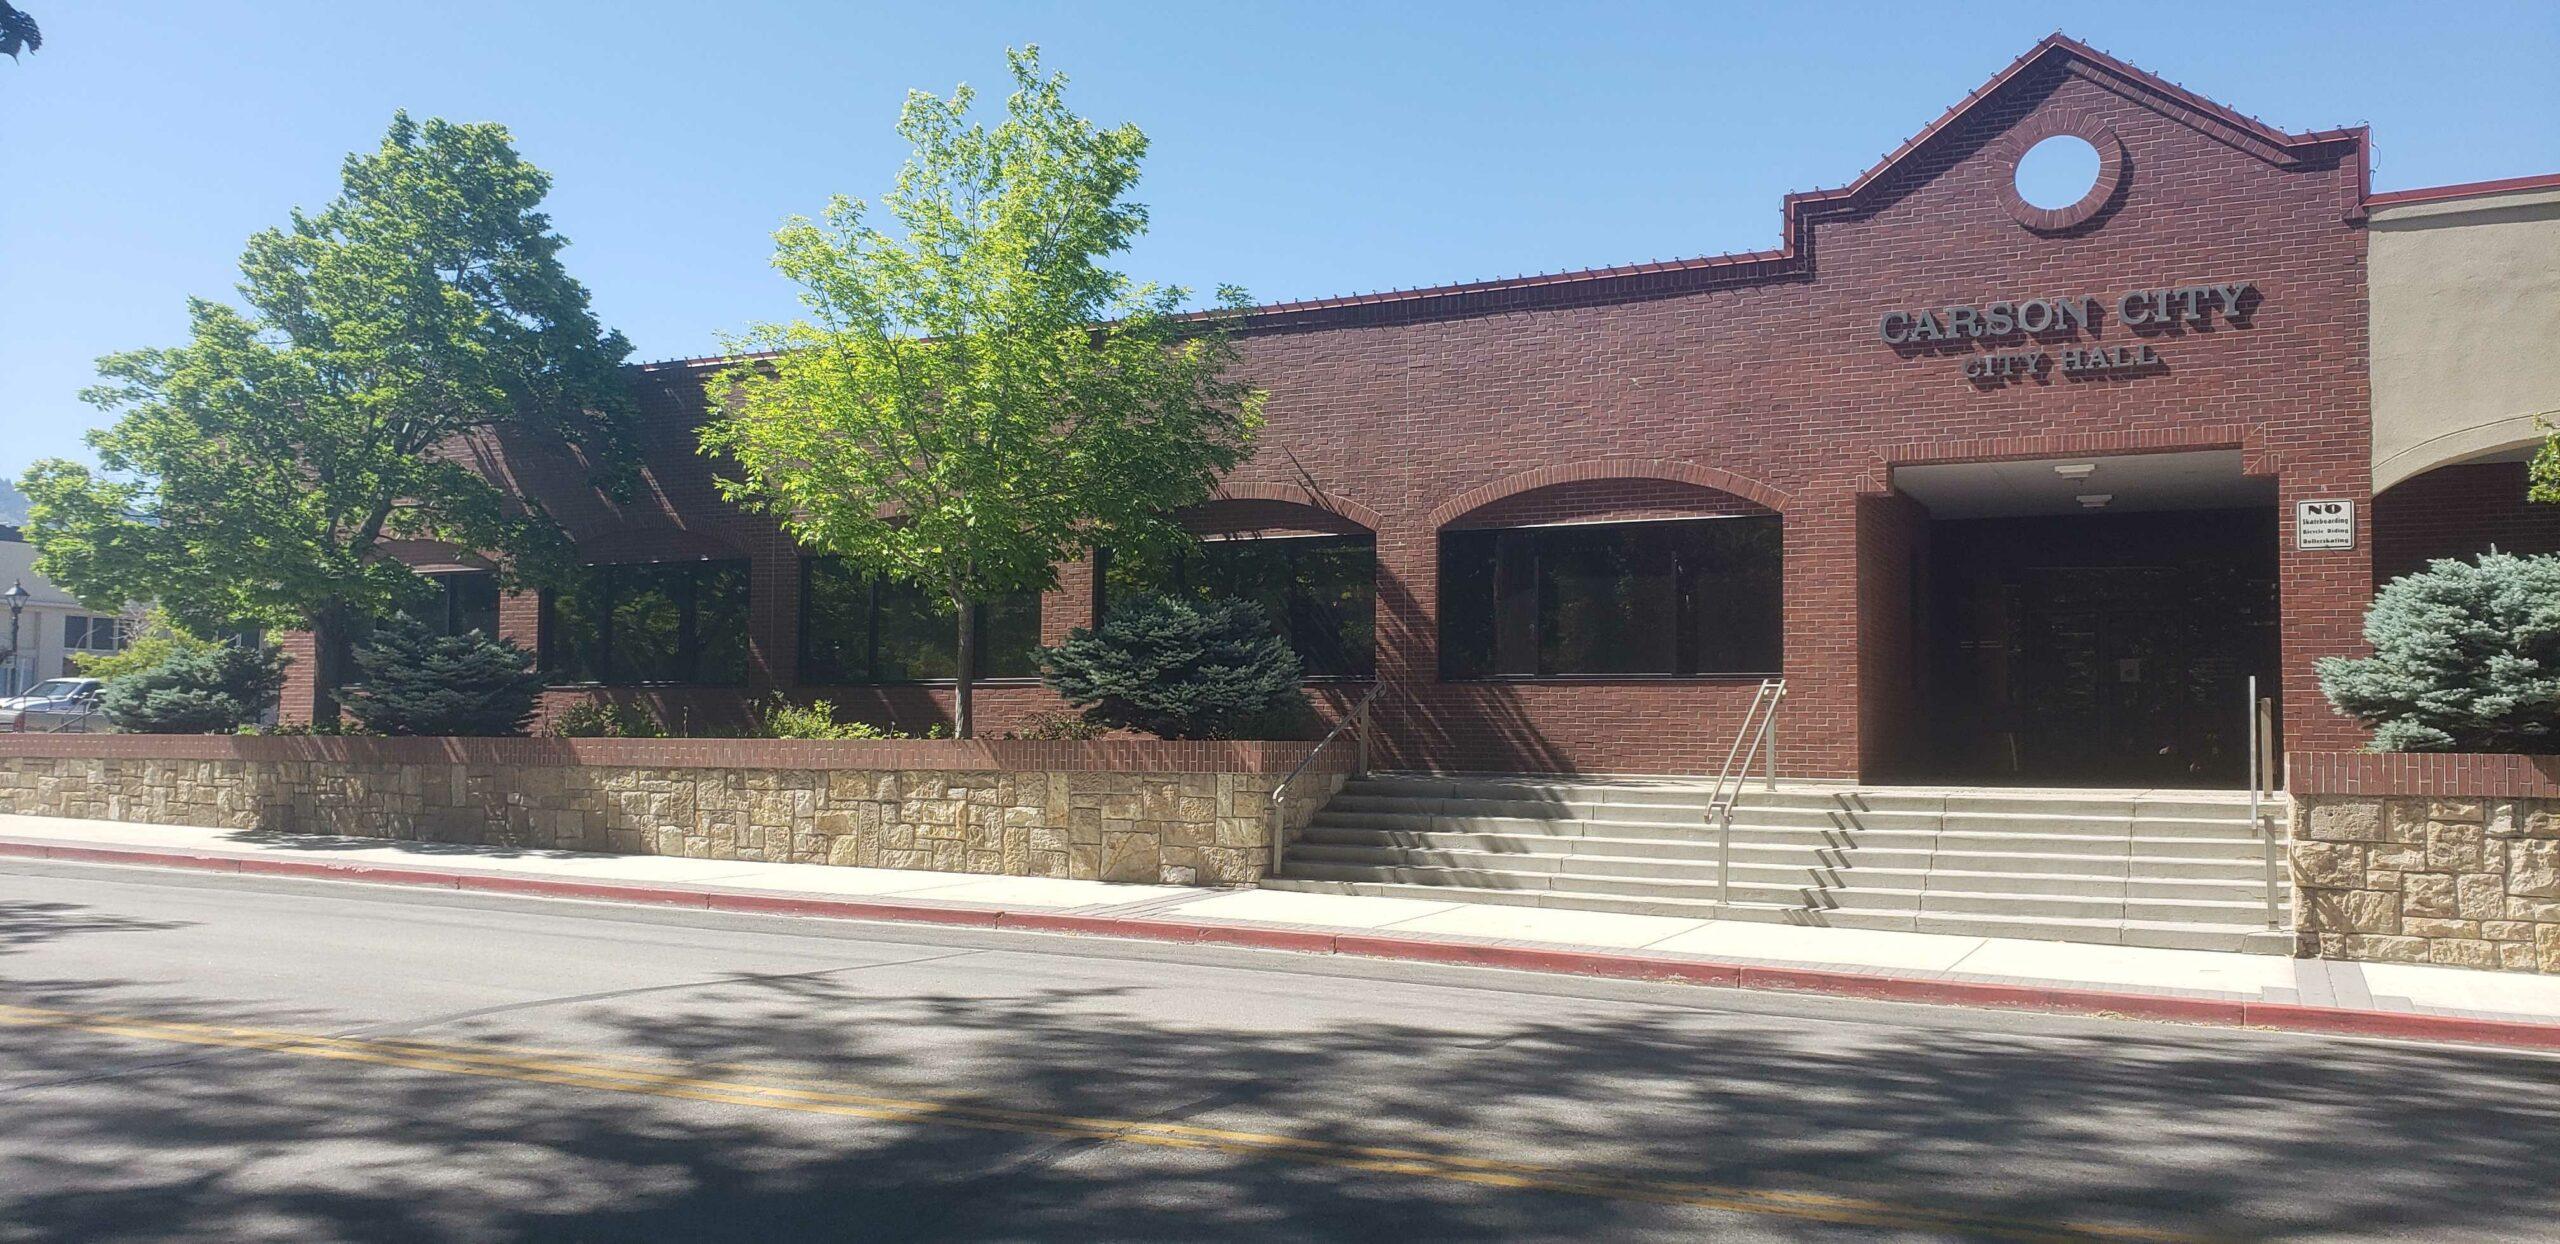 The Carson City City Hall on a sunny day